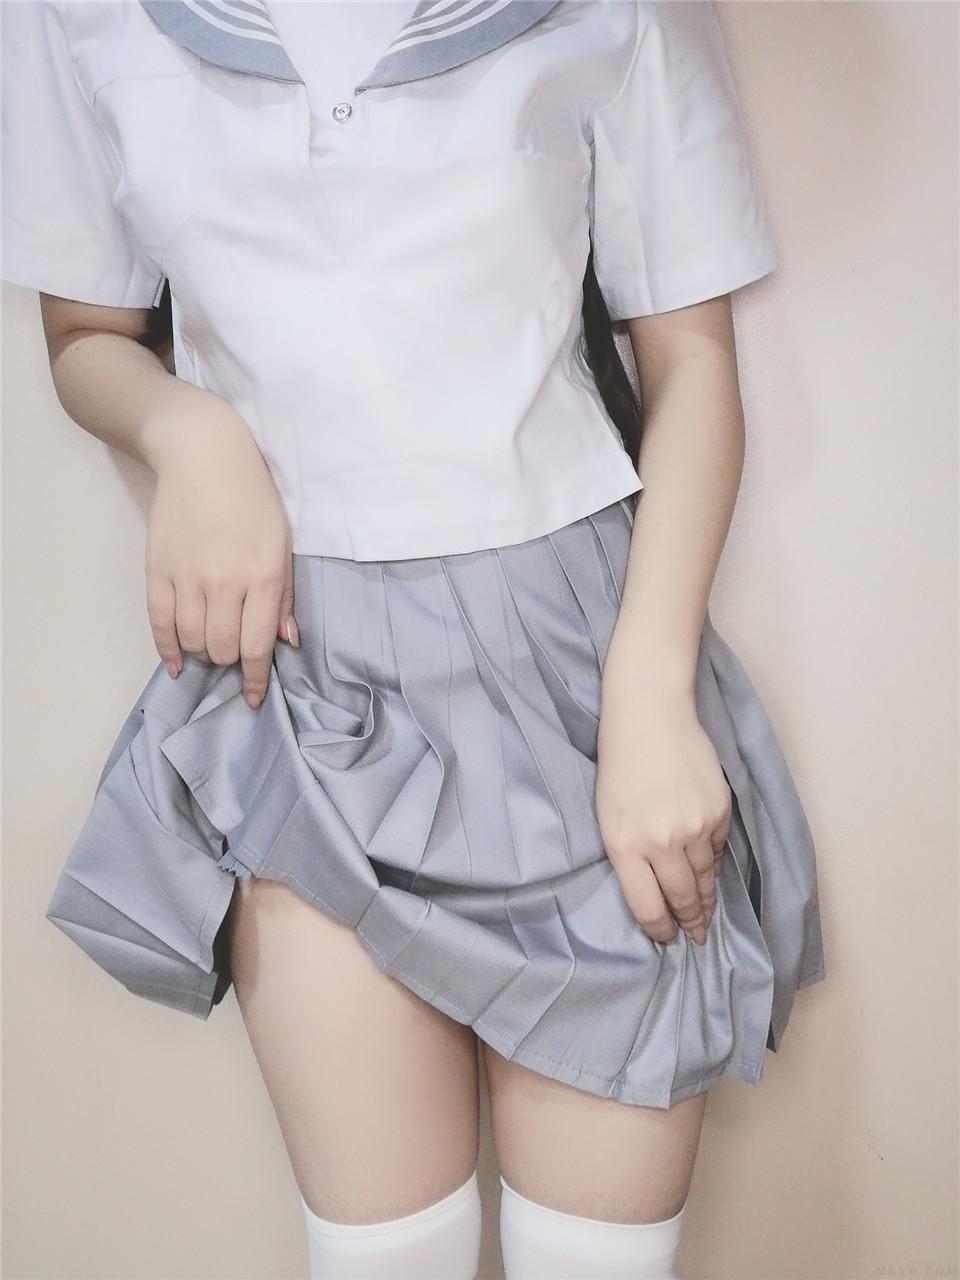 芋圆侑子 NO.013 白丝jk